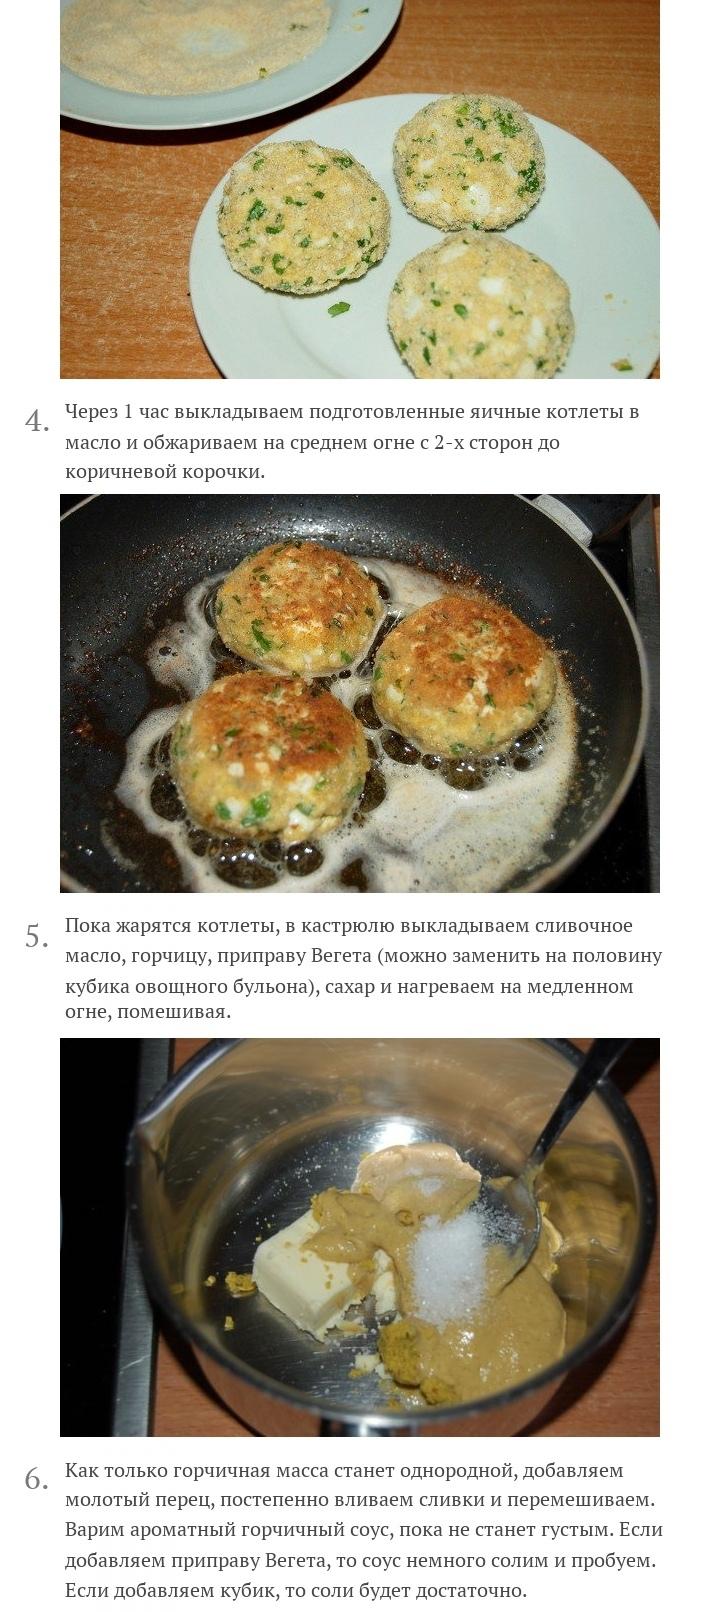 Котлеты из вареных яиц с горчичным соусом, изображение №3